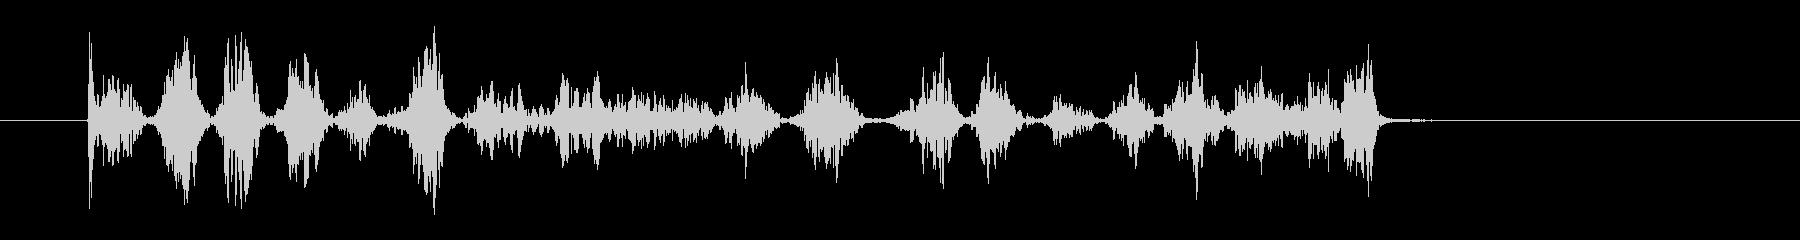 サインを書く音(ボールペン)DHの未再生の波形